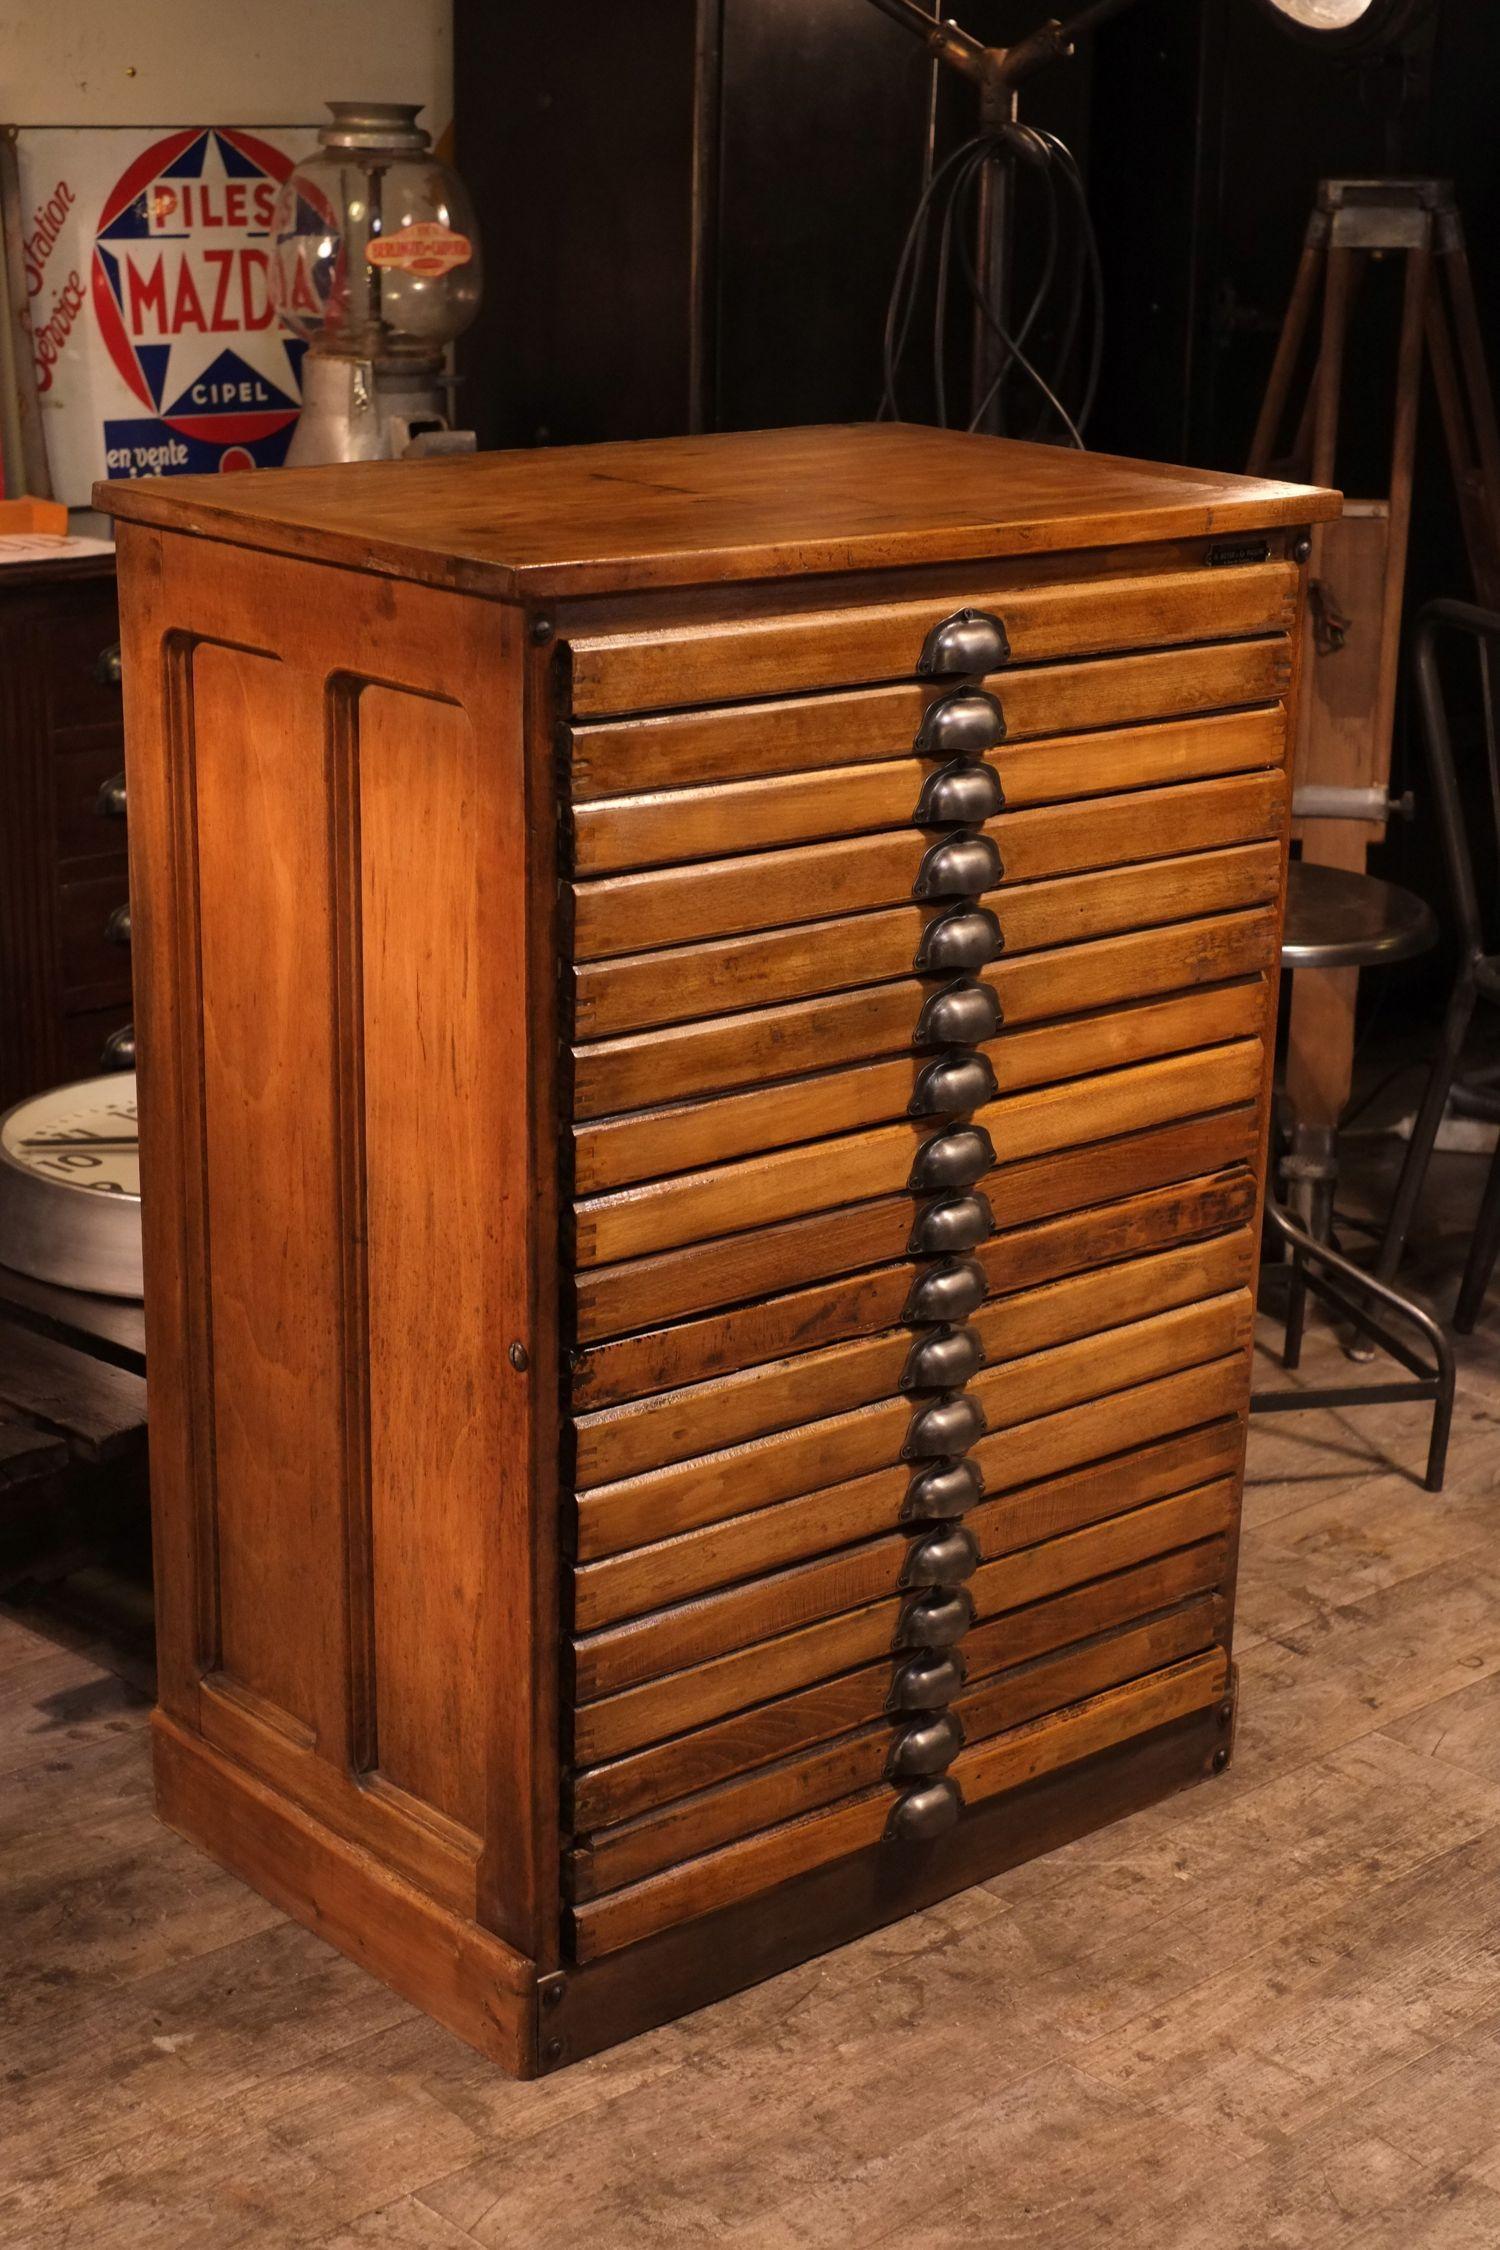 Meuble de mtier d imprimerie ancien en bois massif  meuble industriel vintage de Renaud Jaylac